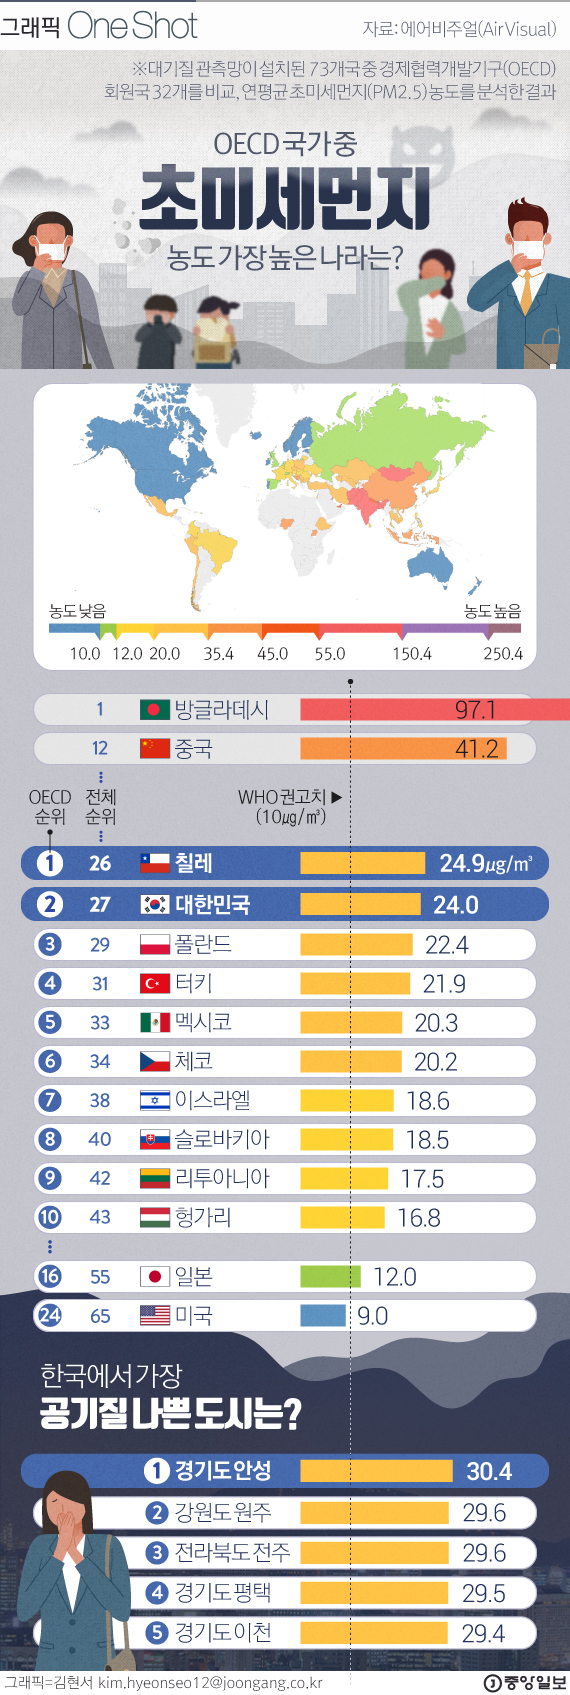 한국 OECD 국가 중 초미세먼지 '최악' 2위